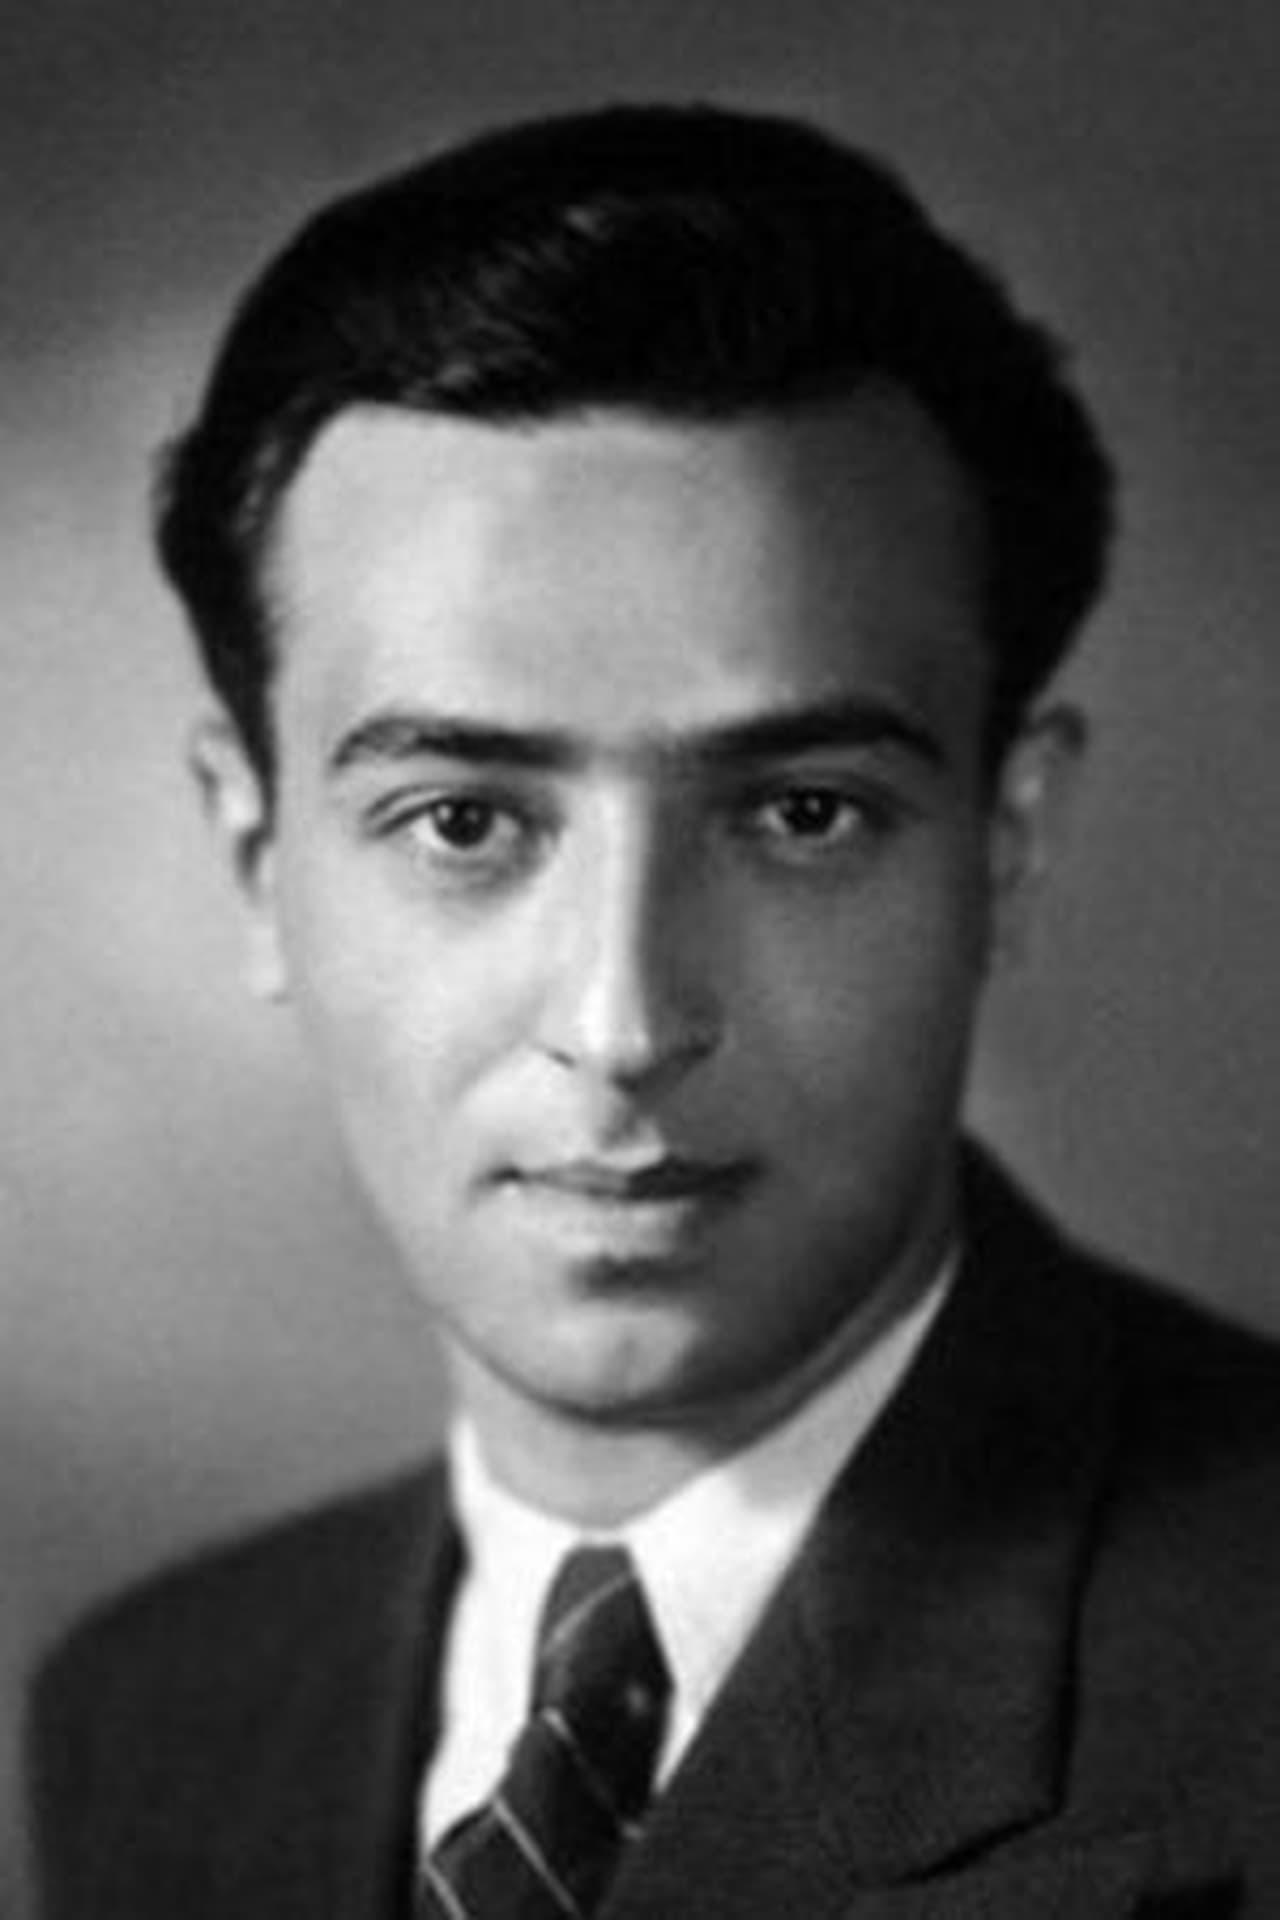 Vladimir Etush